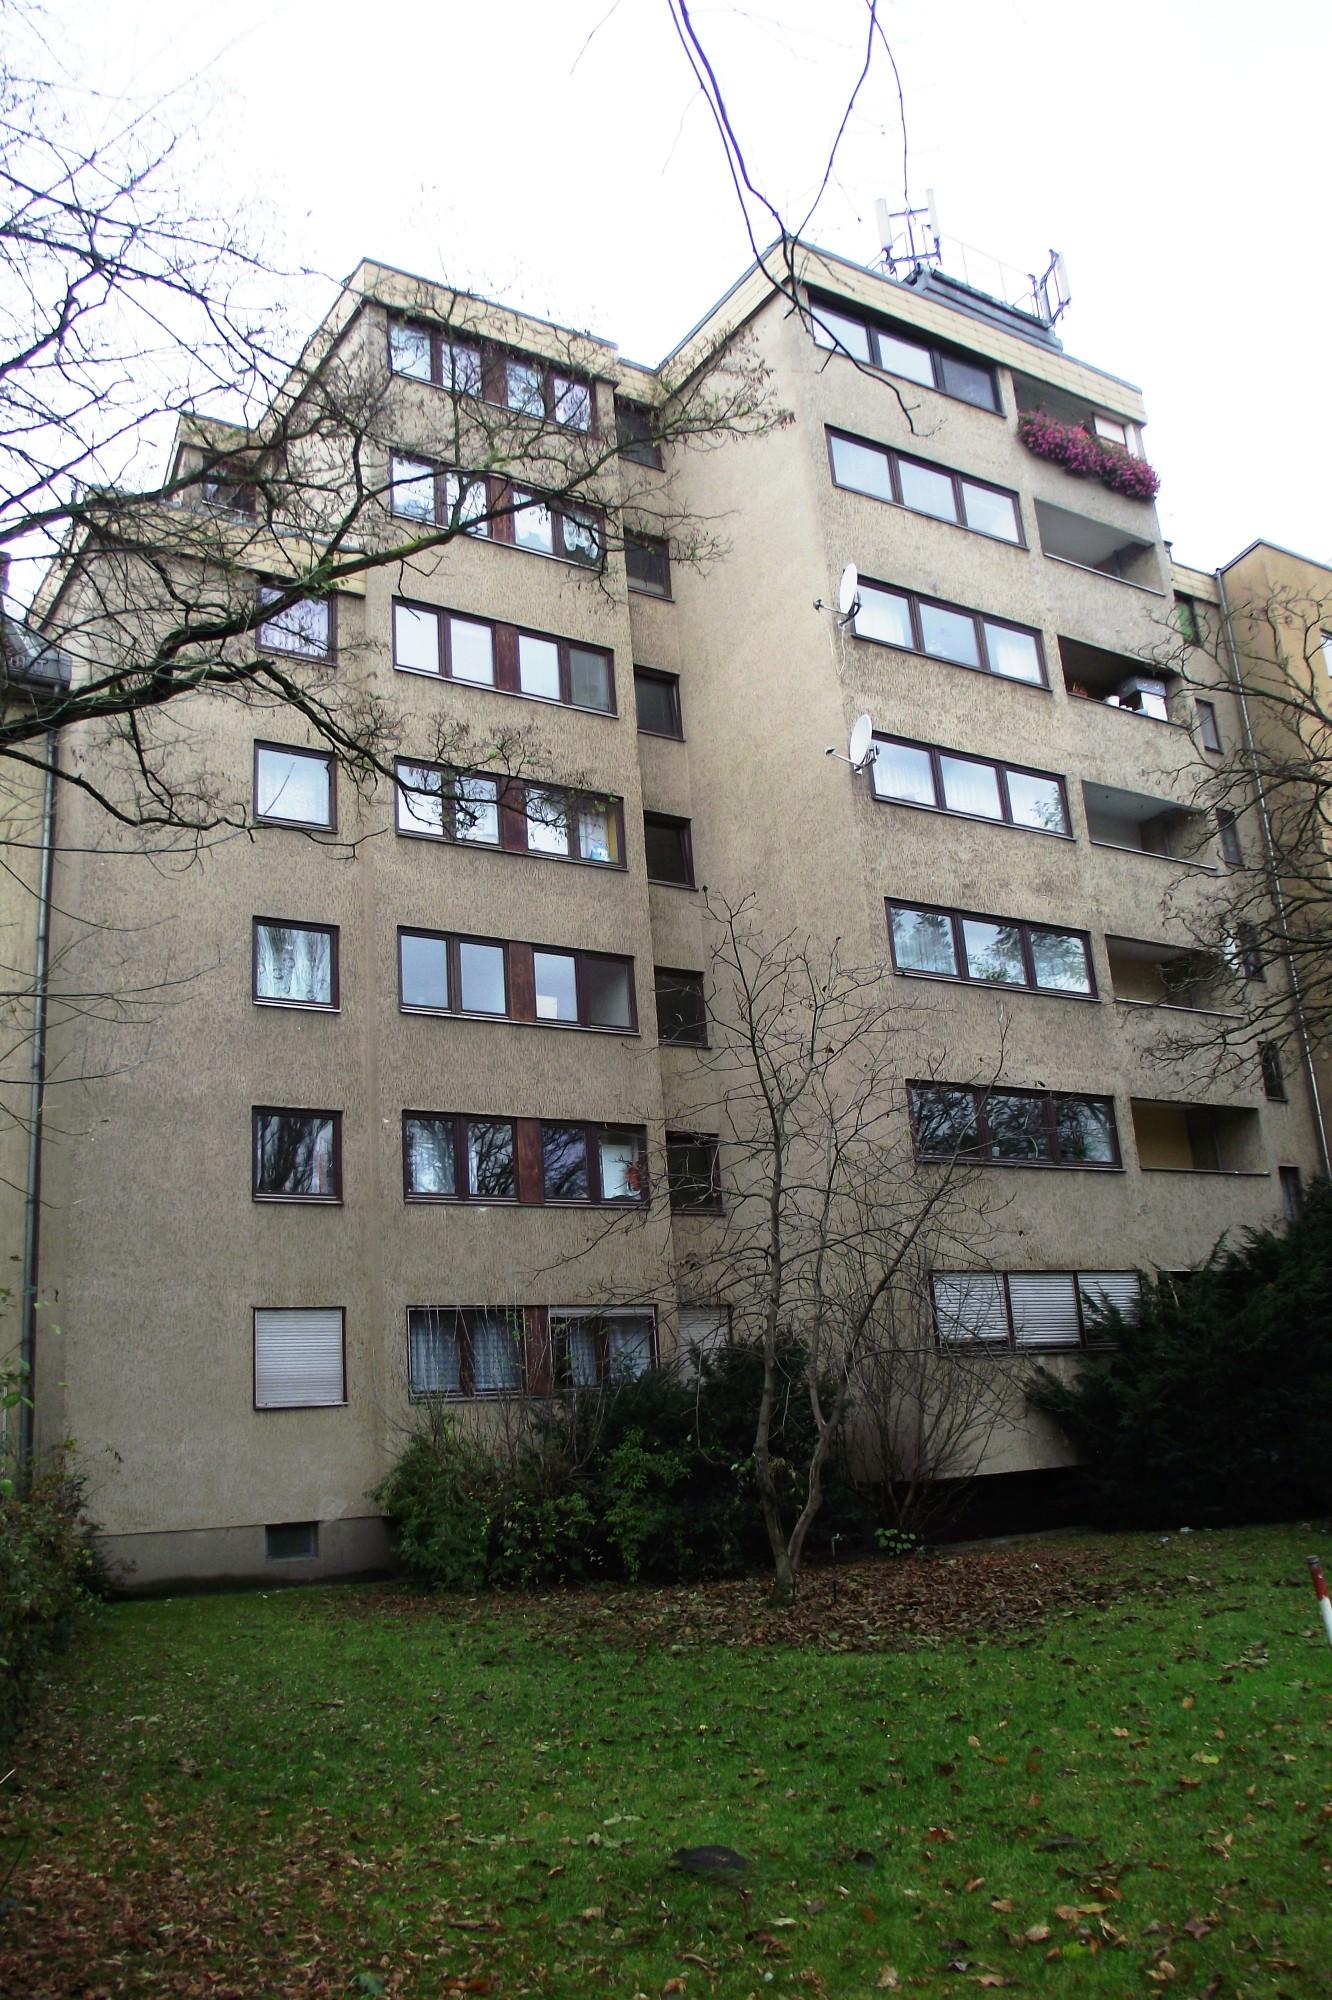 Wohnhaus Residenzstr. 150, 13409 Berlin